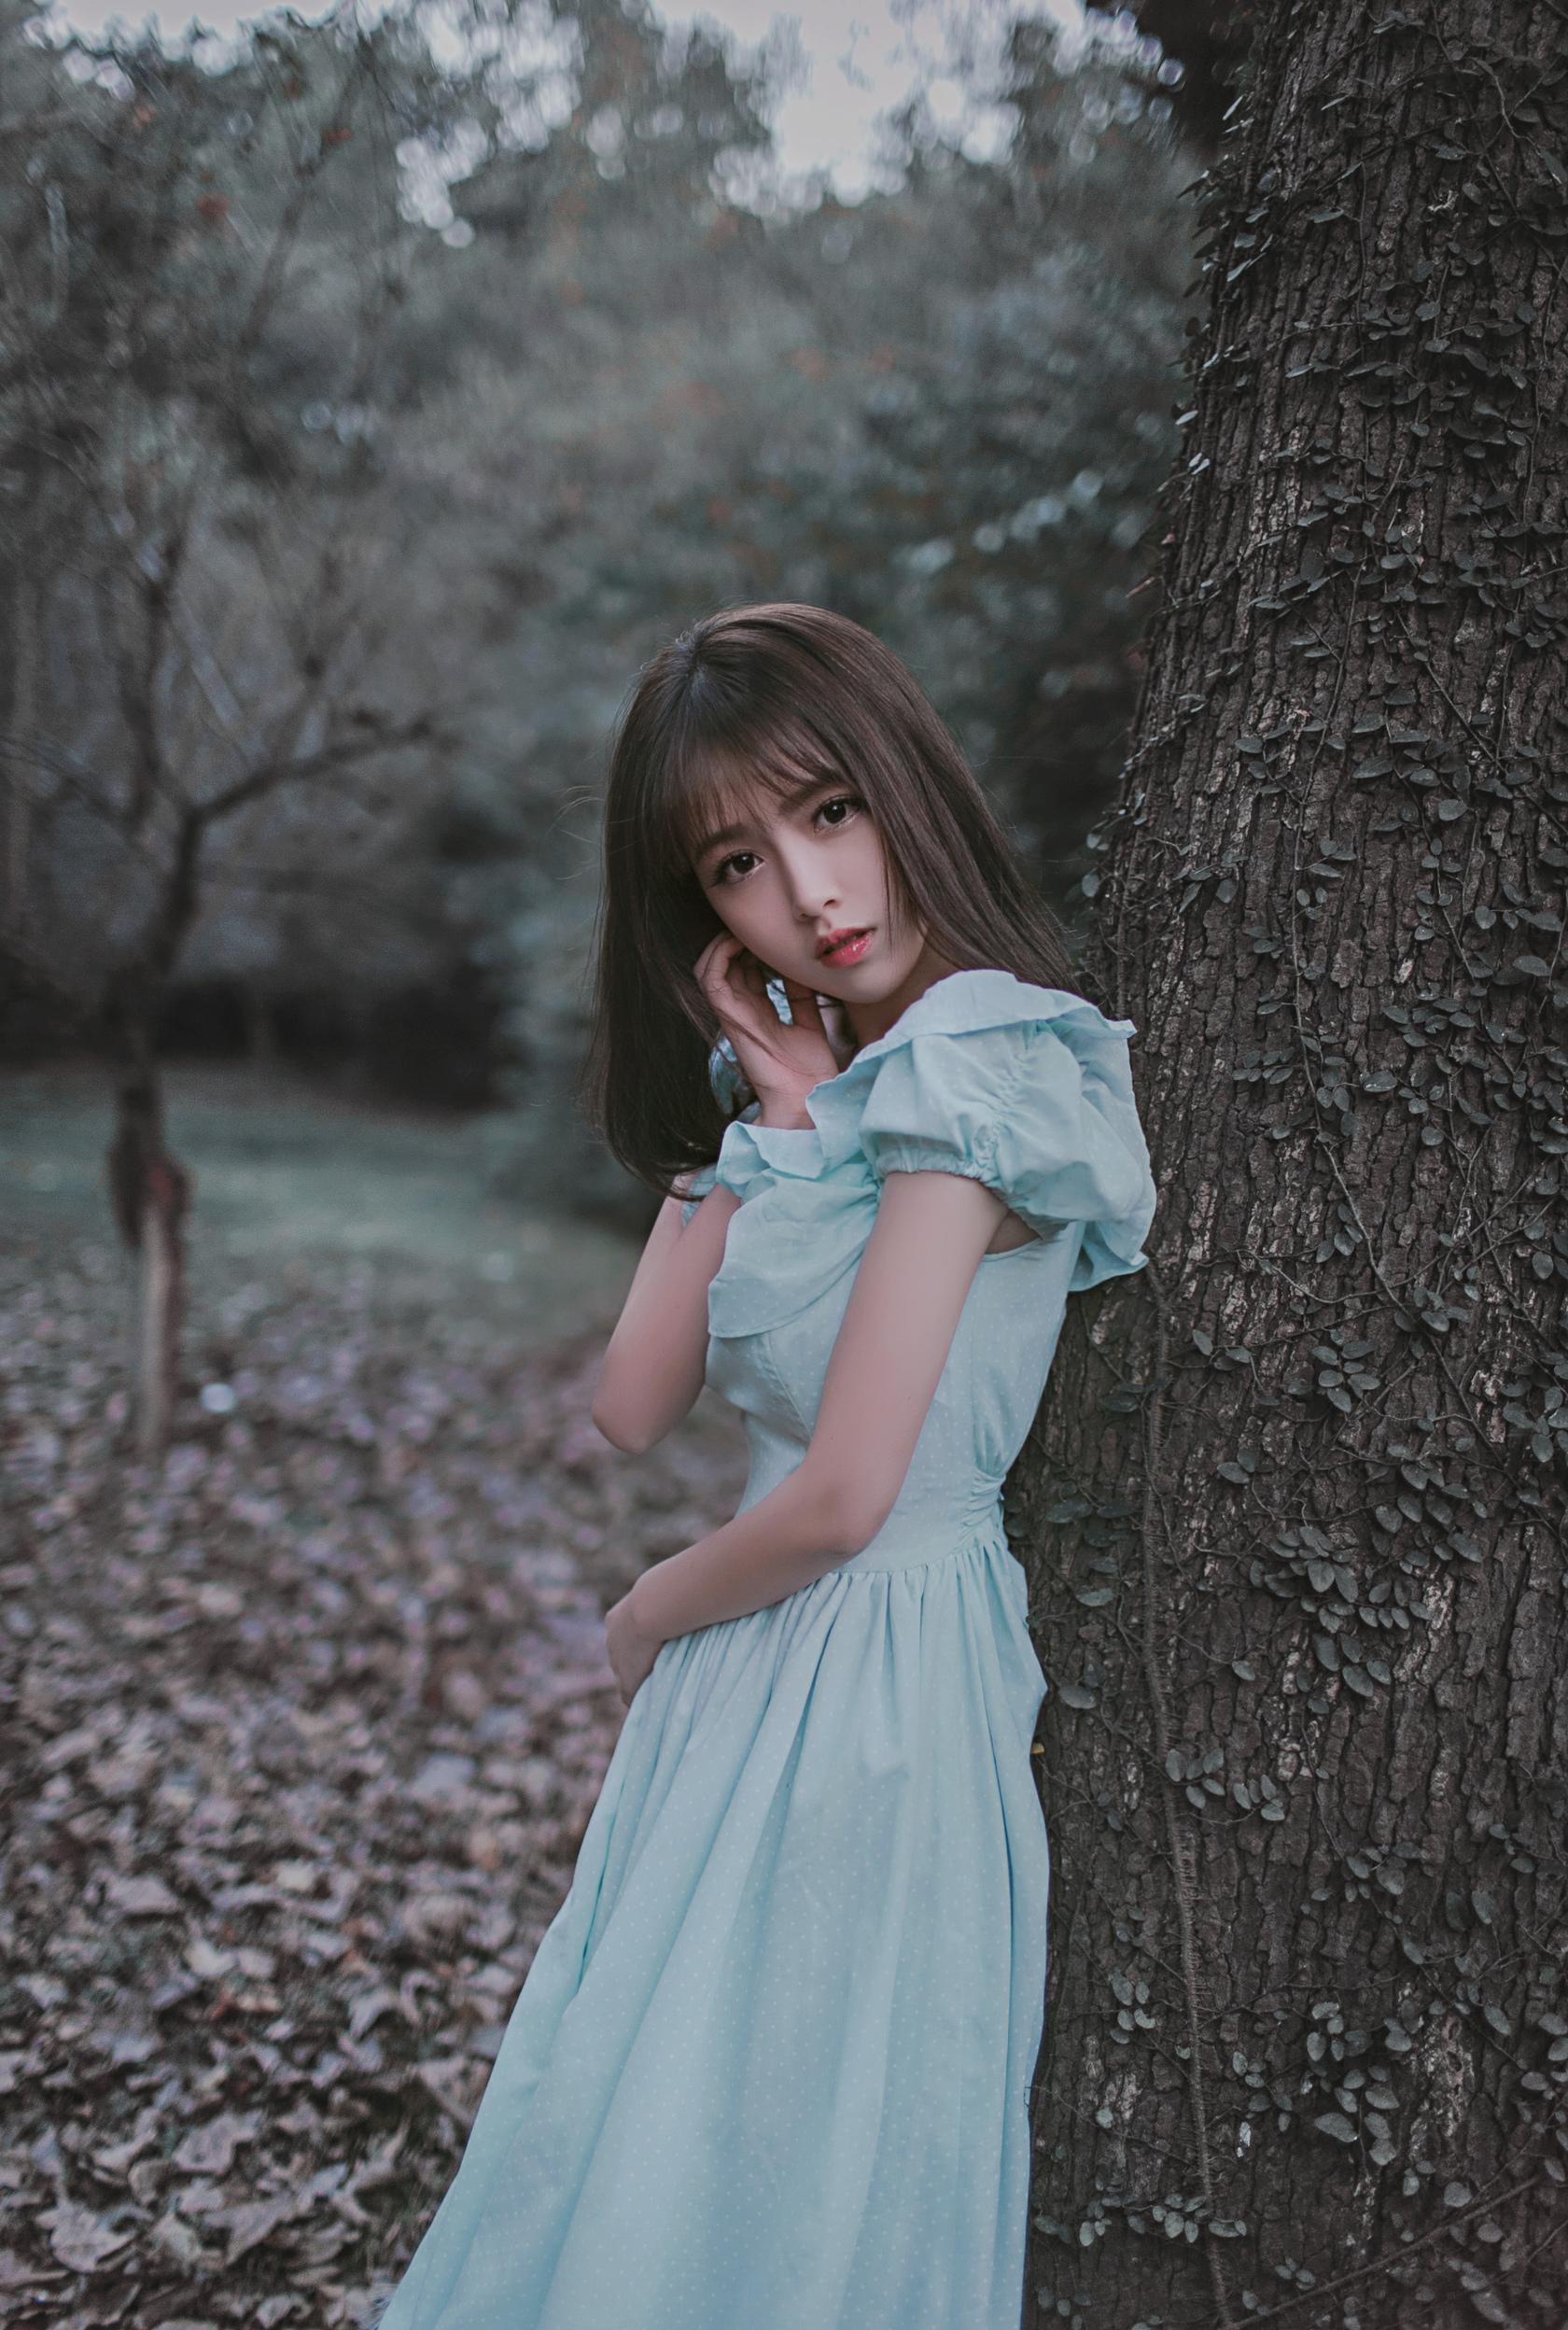 鲜花枯萎,树叶老去,而我再一次失去你。